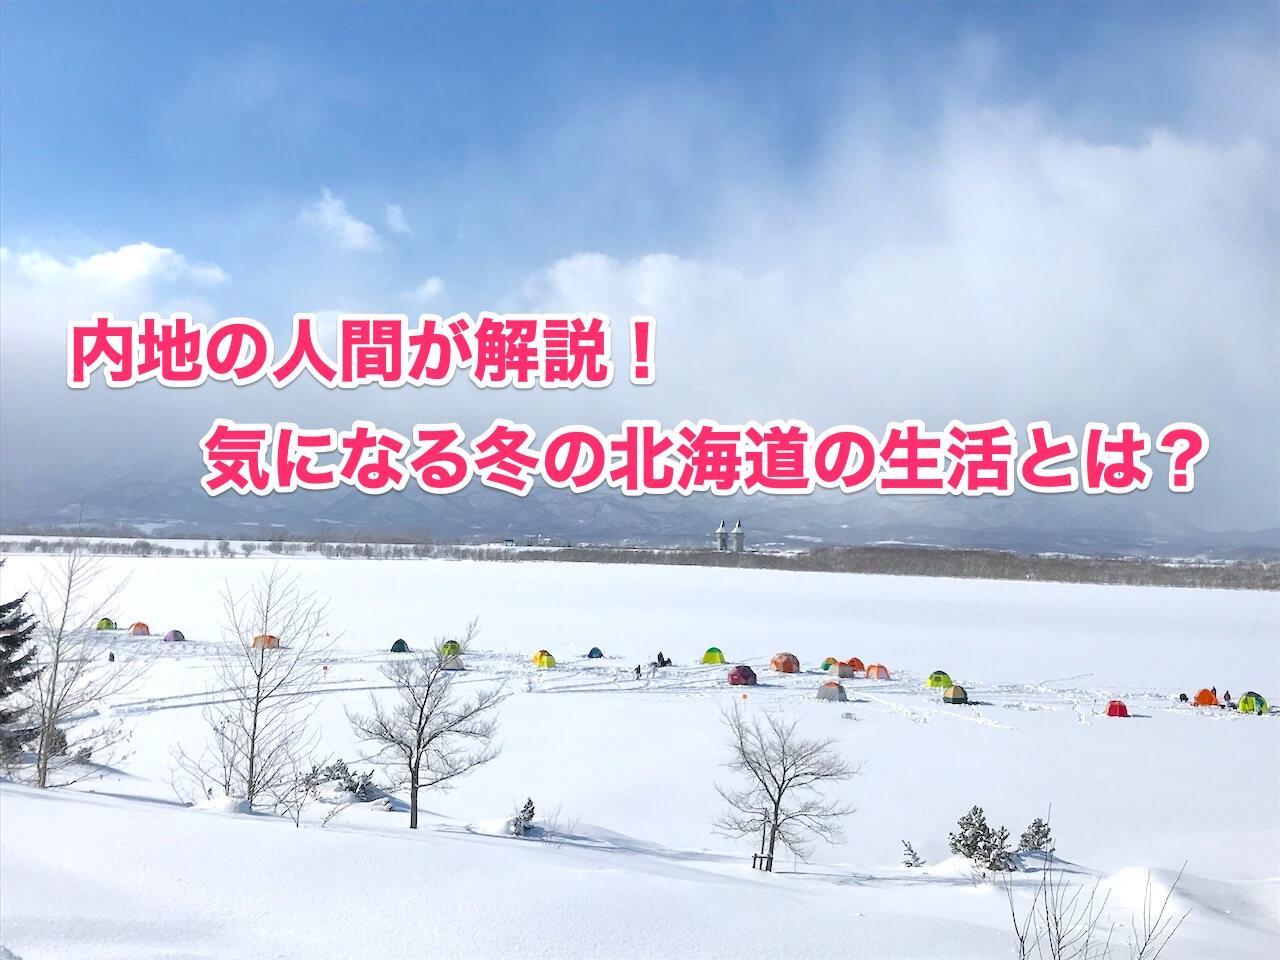 内地の人間が解説!冬の北海道の寒さ・服装・暖房・生活全般について ...